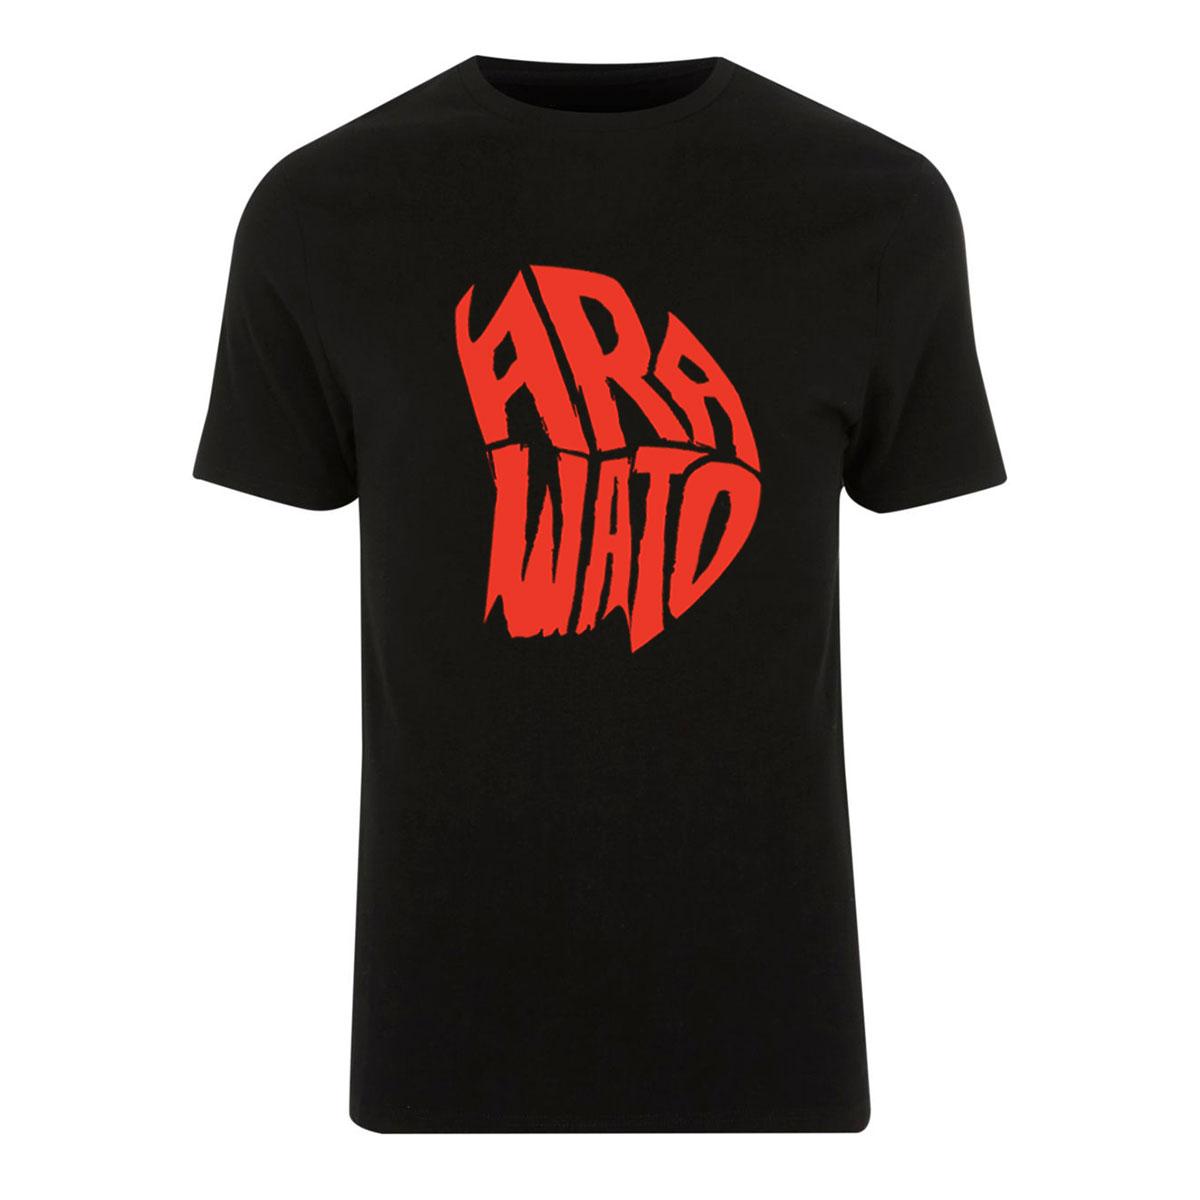 T-Shirt NEGRA - 20$